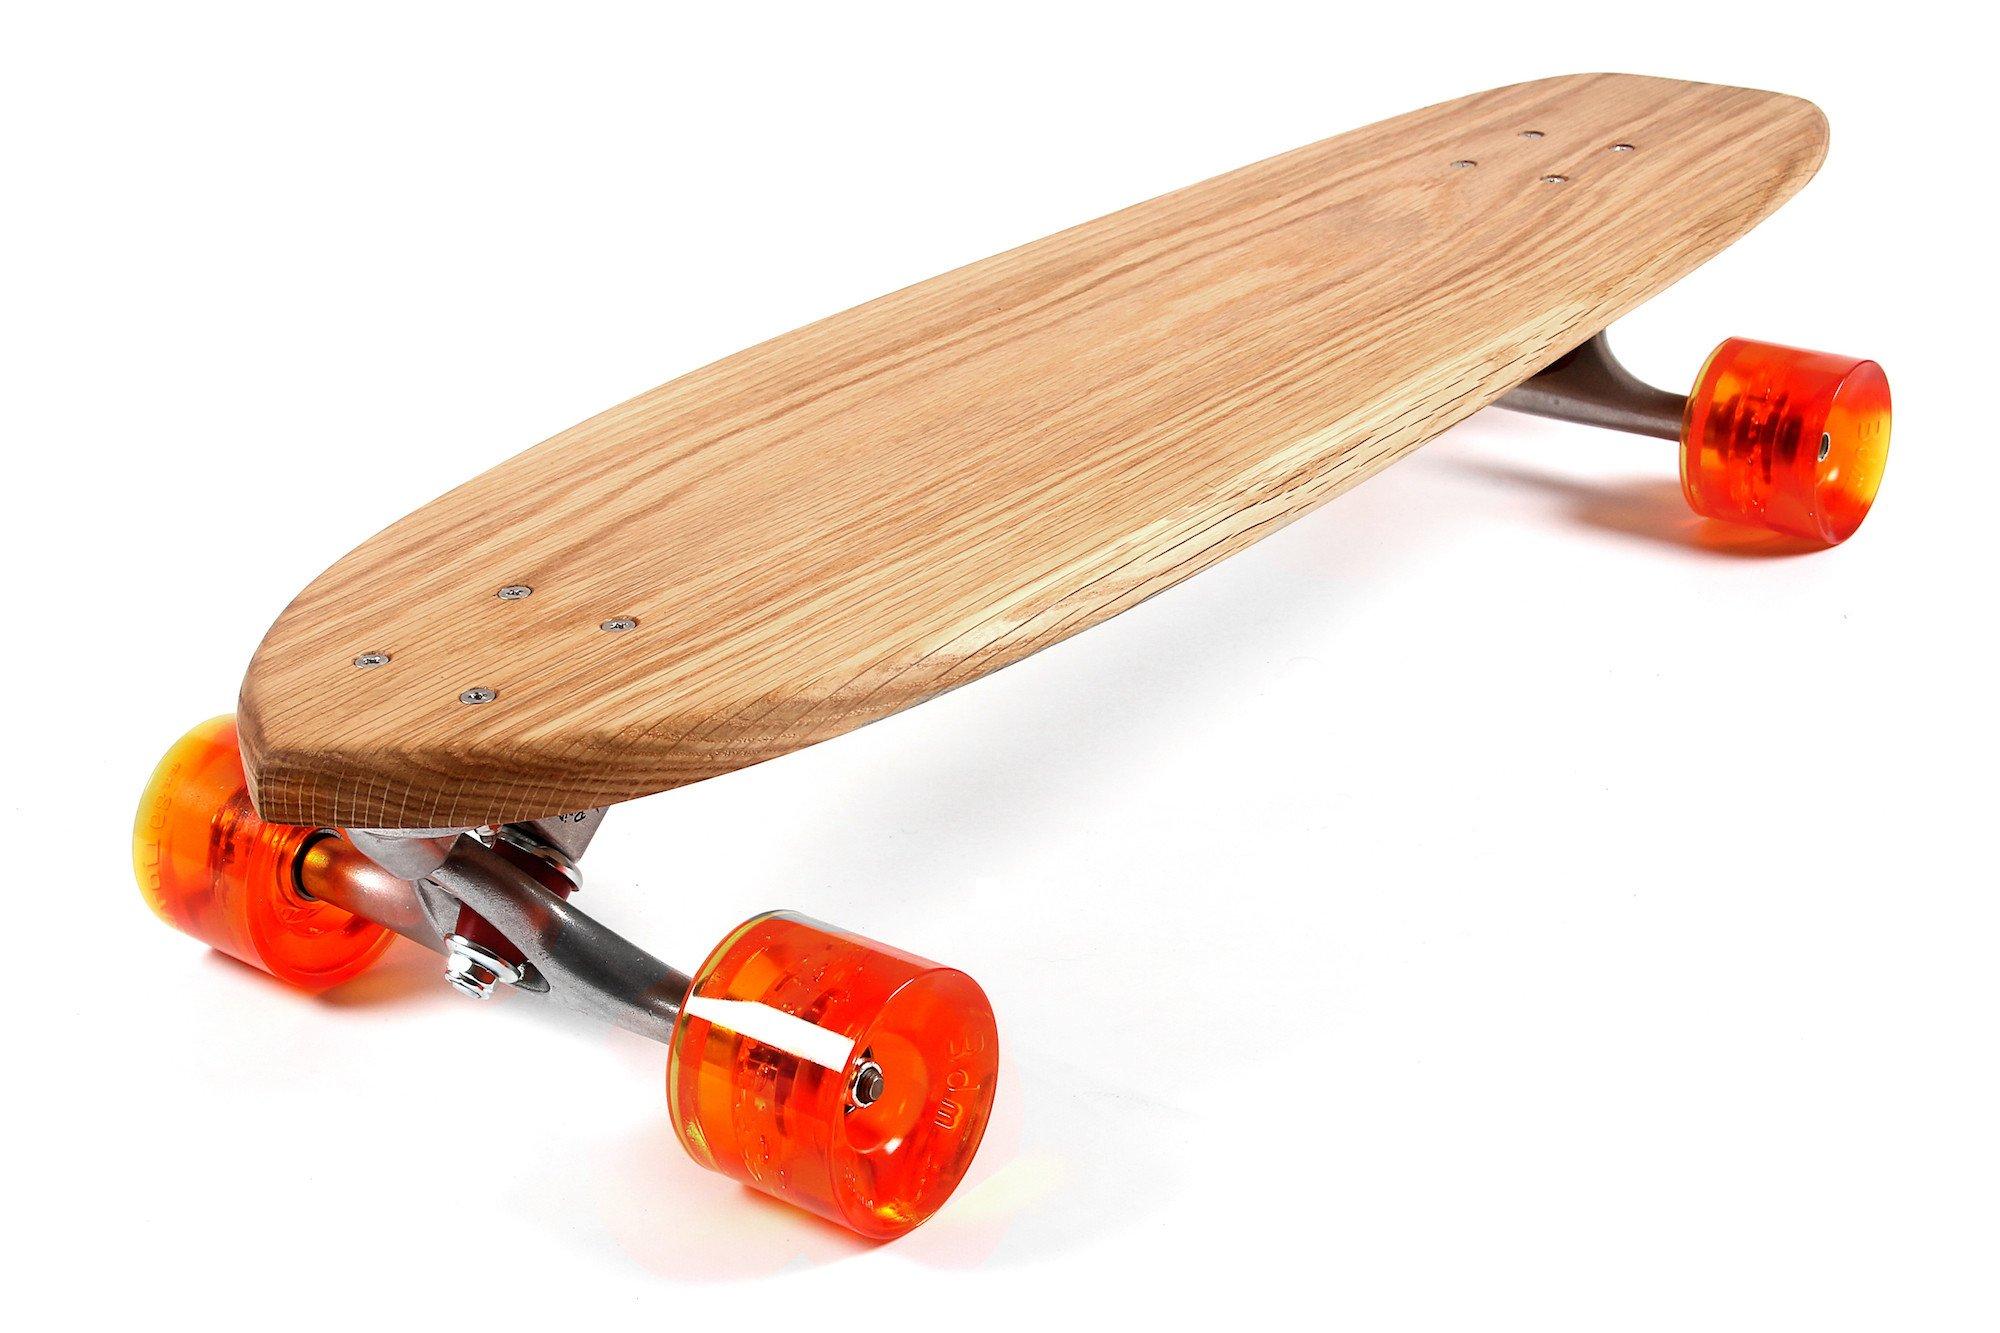 2000x1333 Nude Cruiser Longboard Skateboard In Solid Oak Nudie Boards